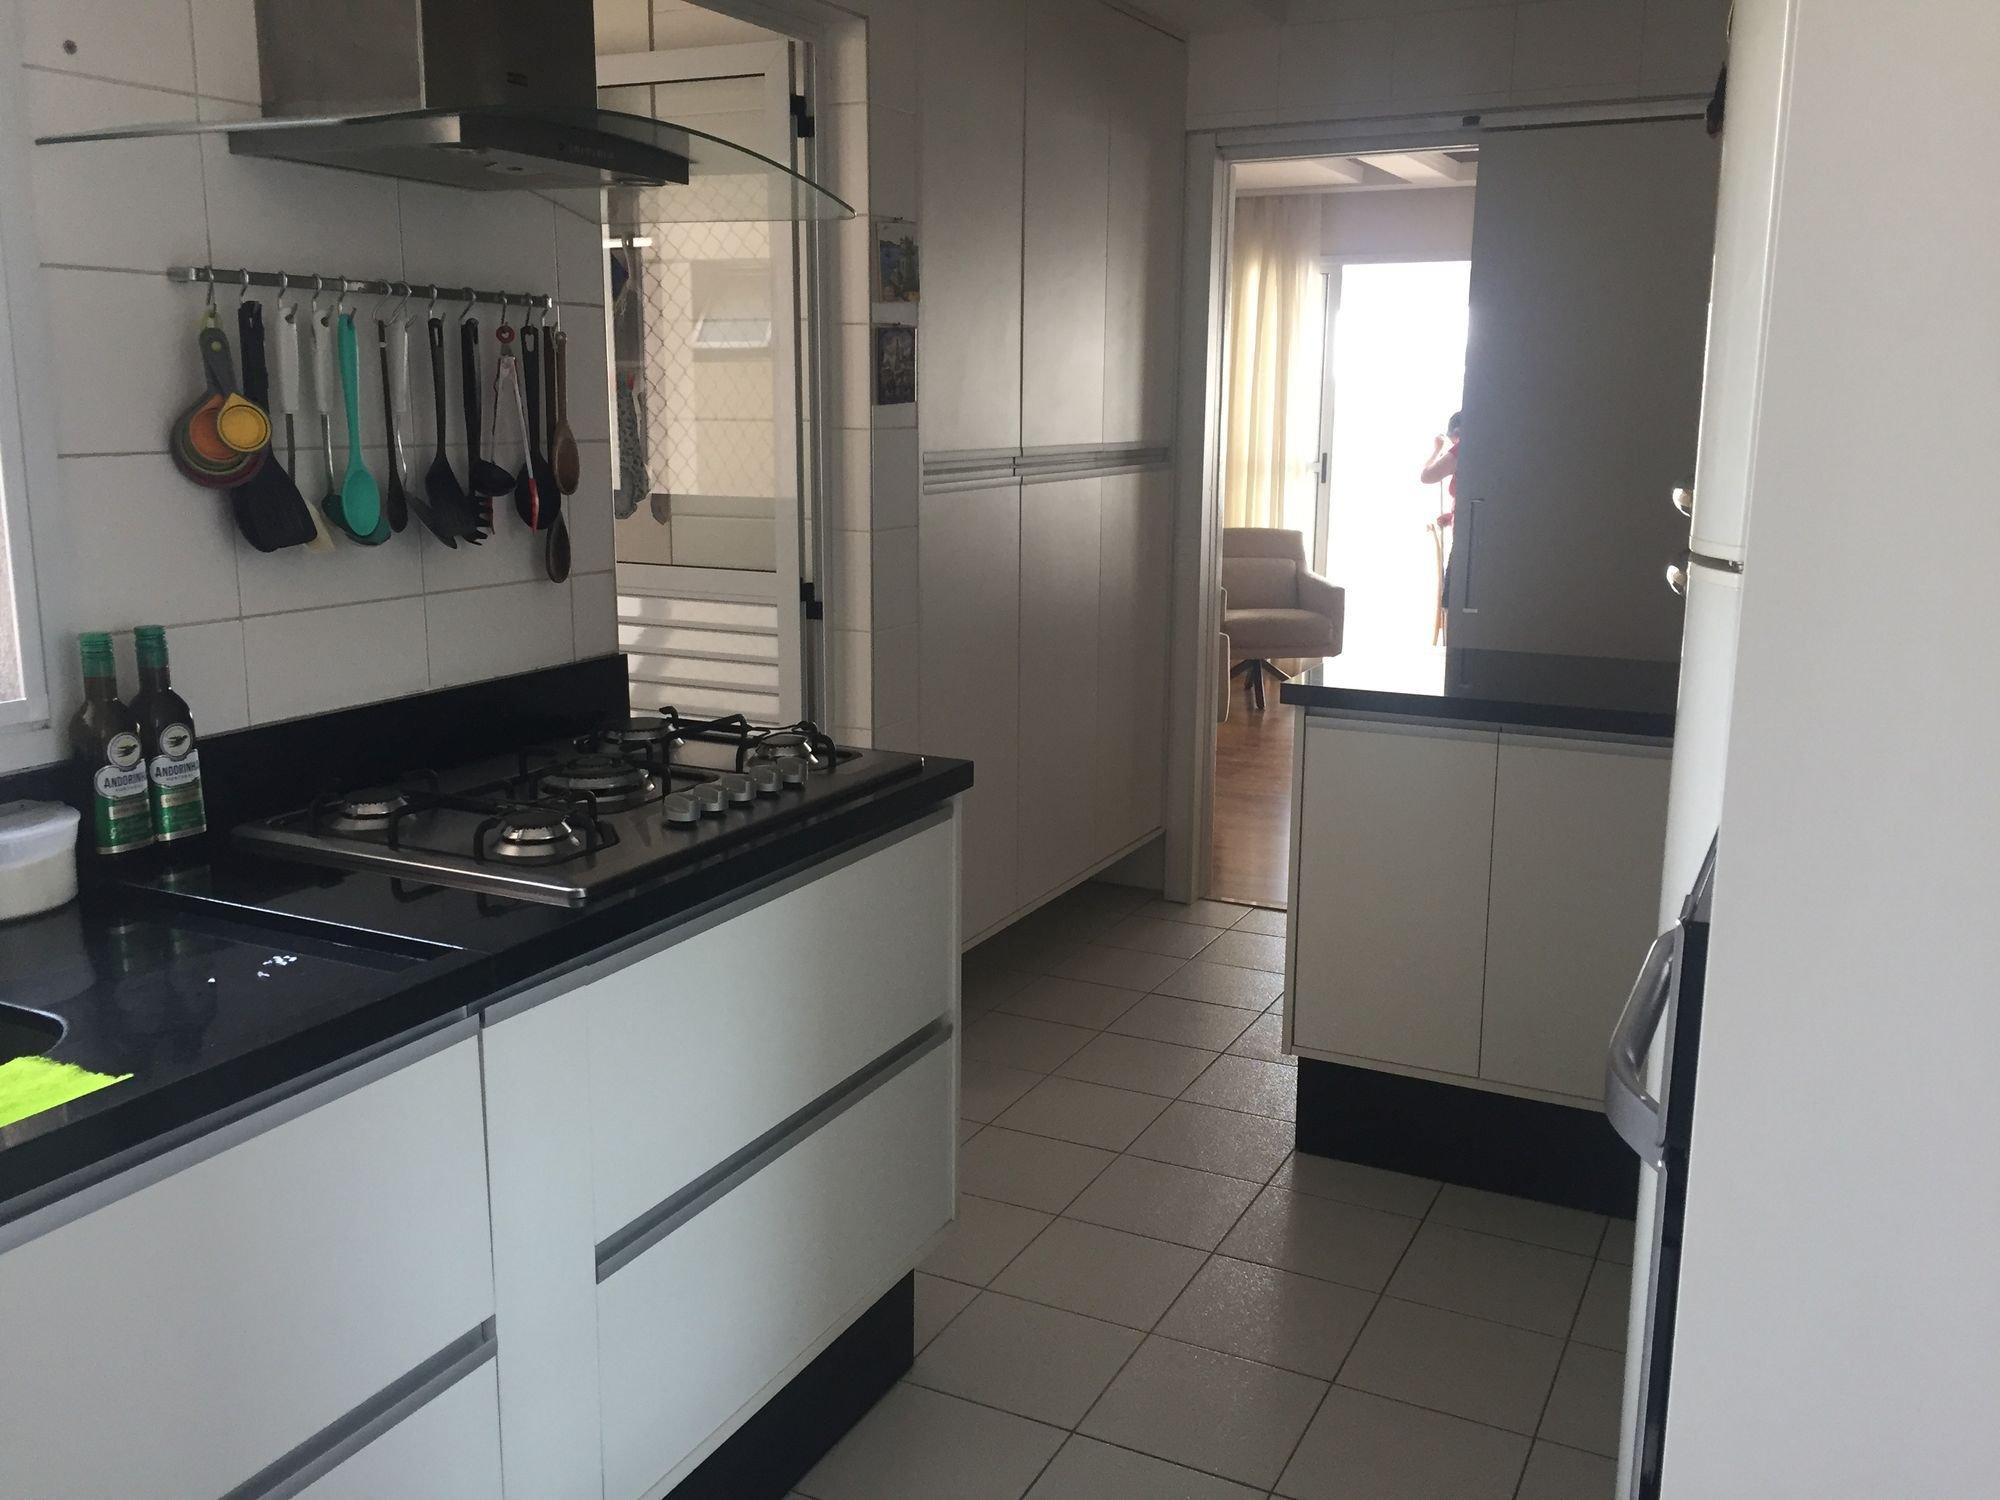 Foto de Cozinha com colher, garrafa, geladeira, cadeira